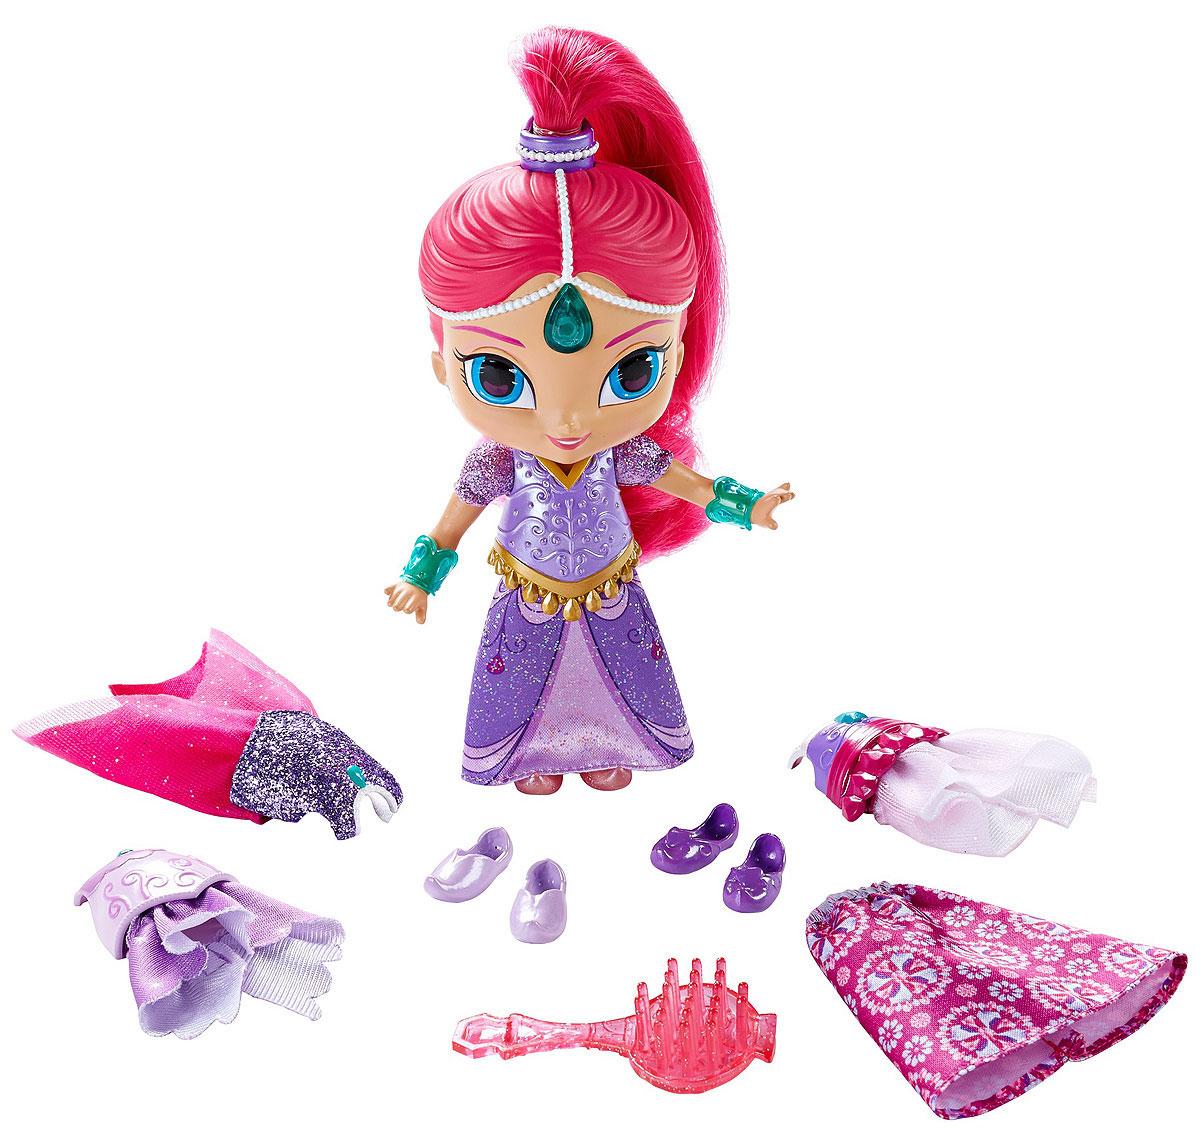 Shimmer & Shine Кукла Magic Dress ShimmerDGL78_DGL80Шиммер - это очаровательный голубоглазый джинн с розовыми волосами. Шиммер всегда веселая и жизнерадостная, любит розовый цвет и природу. Ничто не может поколебать ее оптимизм. Есть питомец, забавная обезьянка по кличке Тала. В набор Shimmer & Shine Magic Dress Shimmer входит все, что нужно для костюмированного приключения! Эти потрясающие волшебные наряды можно надеть на мини-куклу одним движением руки. Маленькая джинна наряжается быстрее, чем люди!